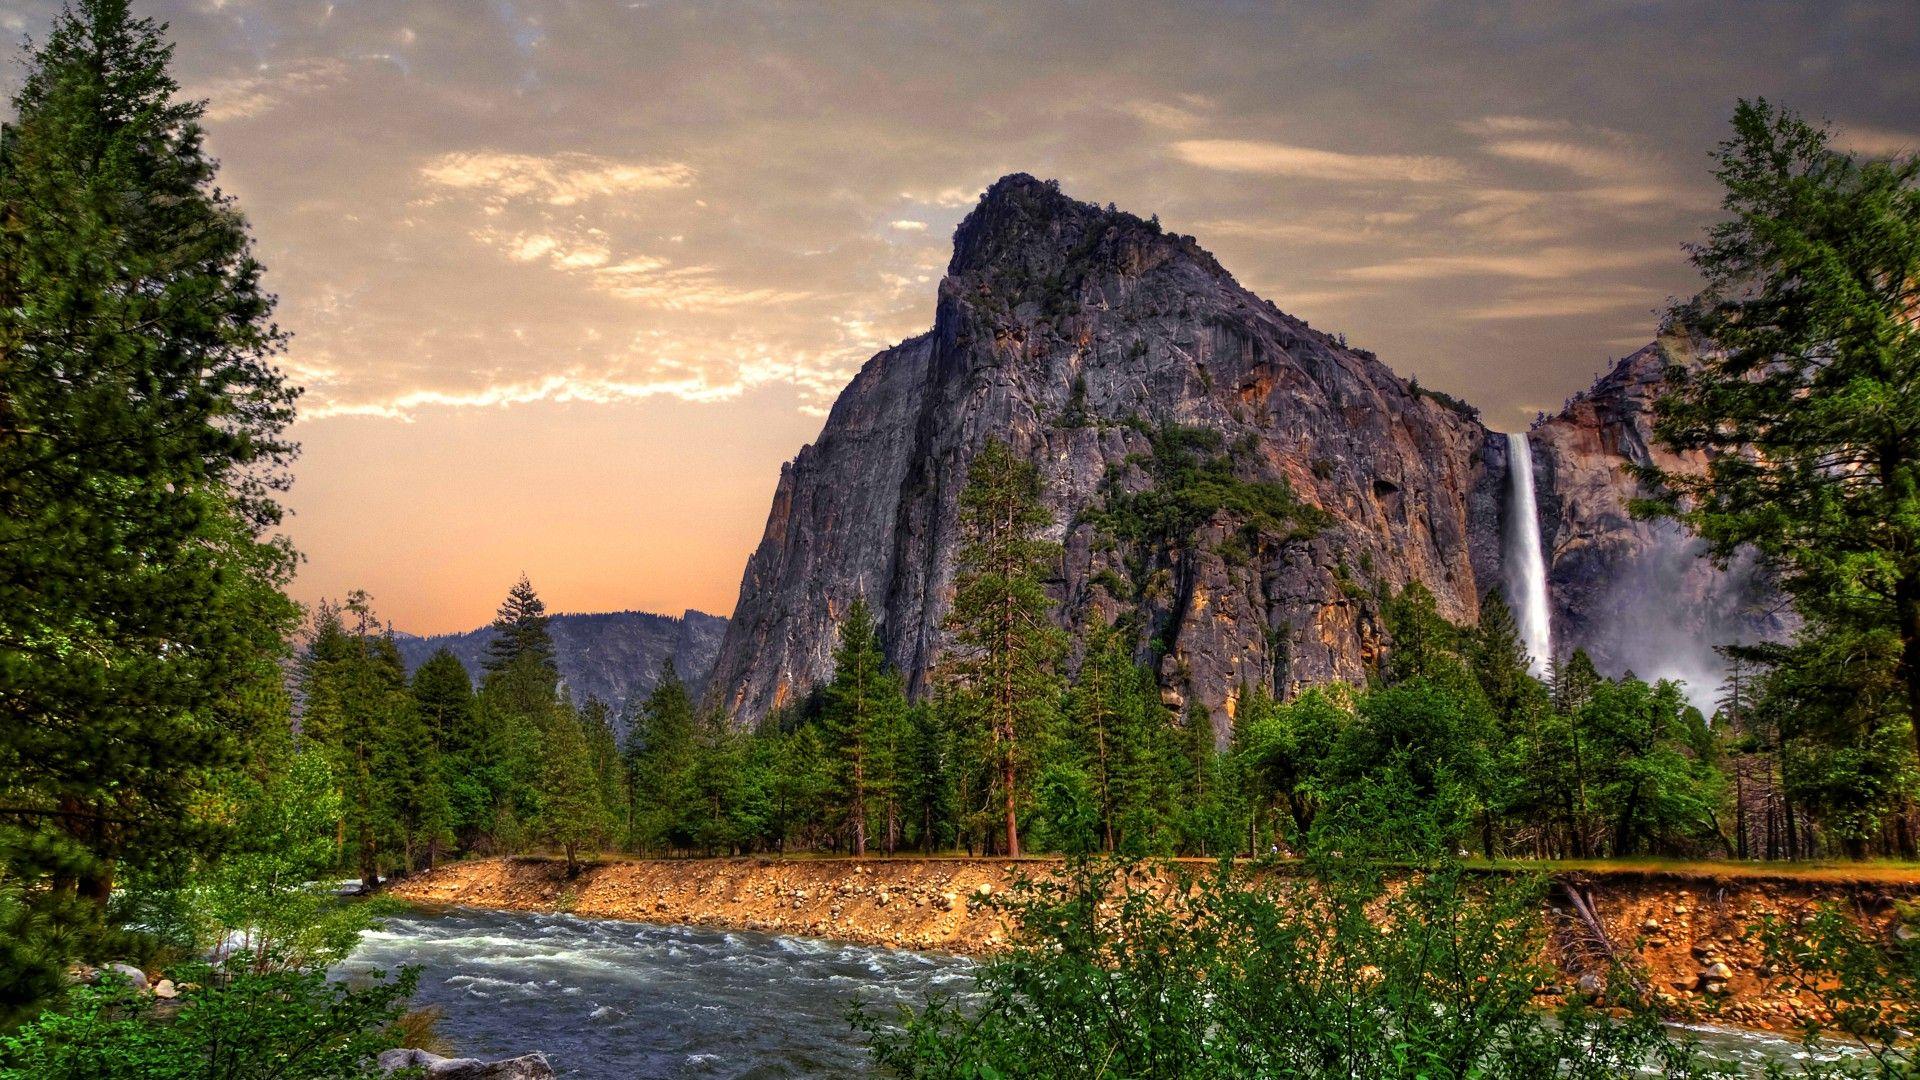 Обои Эпл, 5k, 4k, 8k, лес, горы, водопад, Yosemite, 5k, 4k